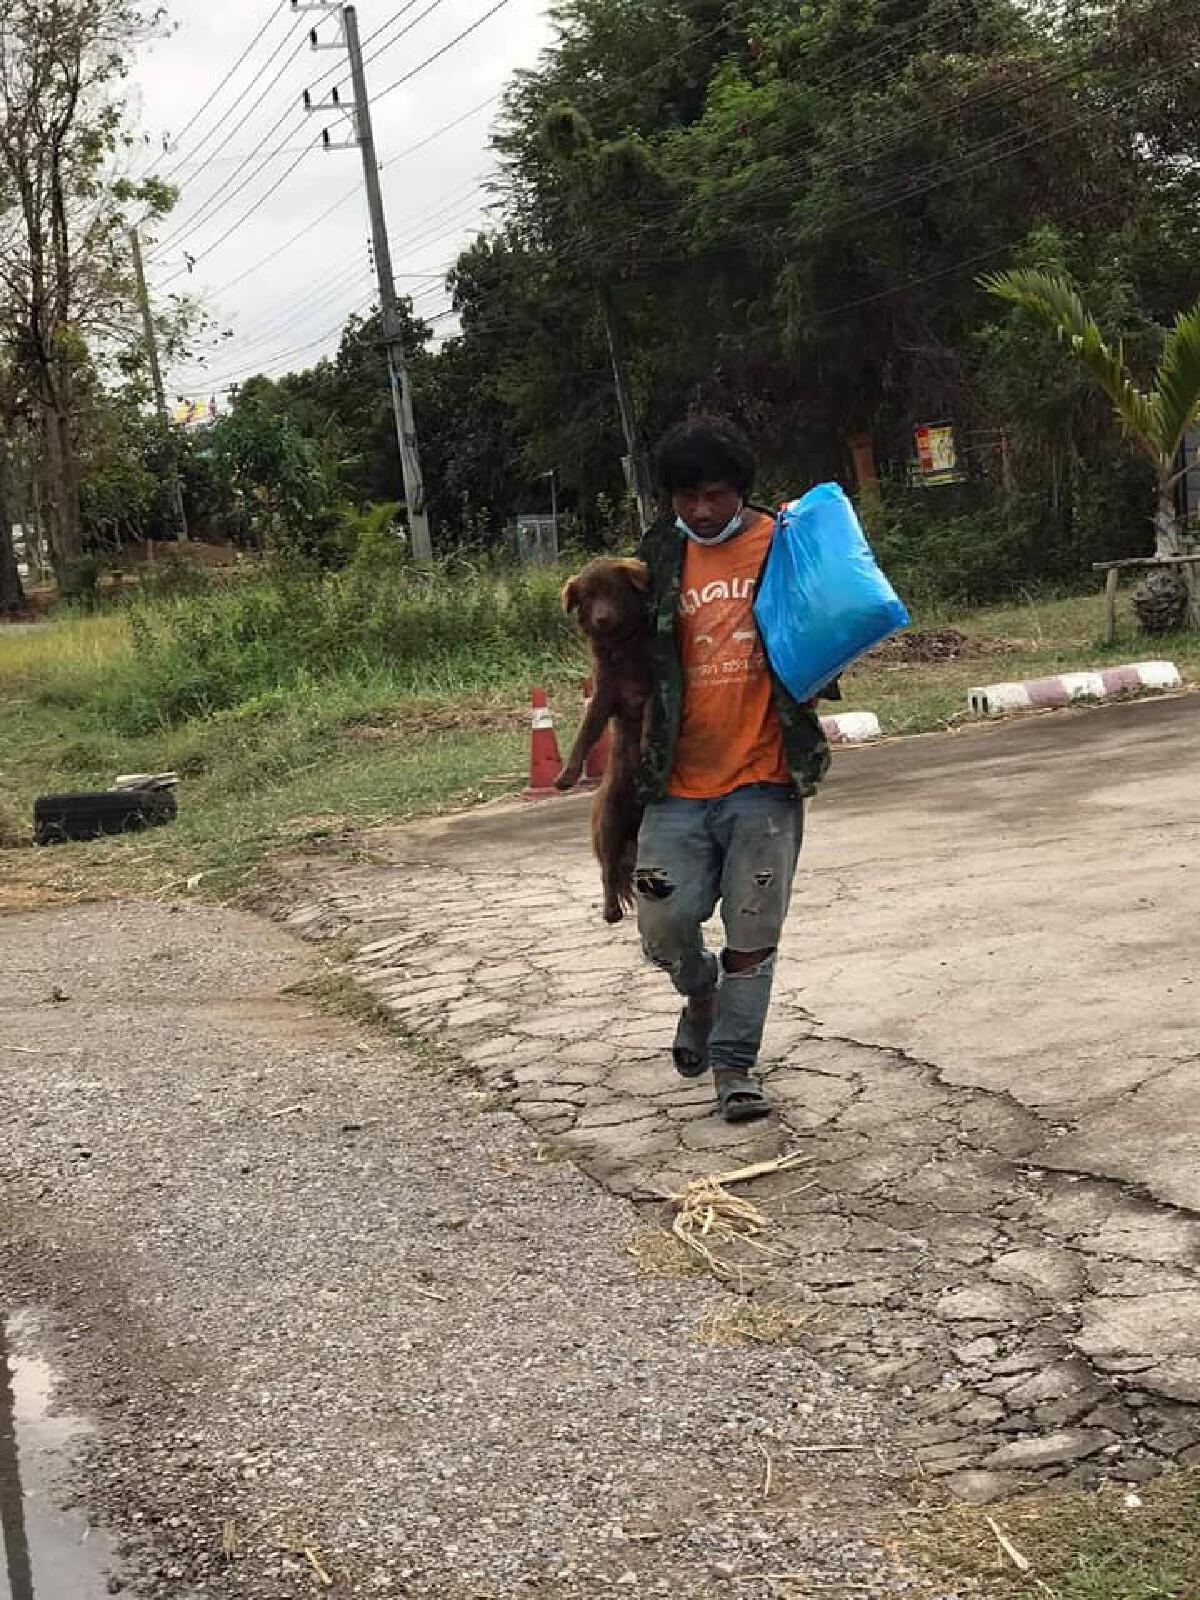 โซเชียลซึ้ง ชายกับหมาสุดรัก พากันเดินเท้าไป จ.เลย หวังกลับบ้านไปทำงาน